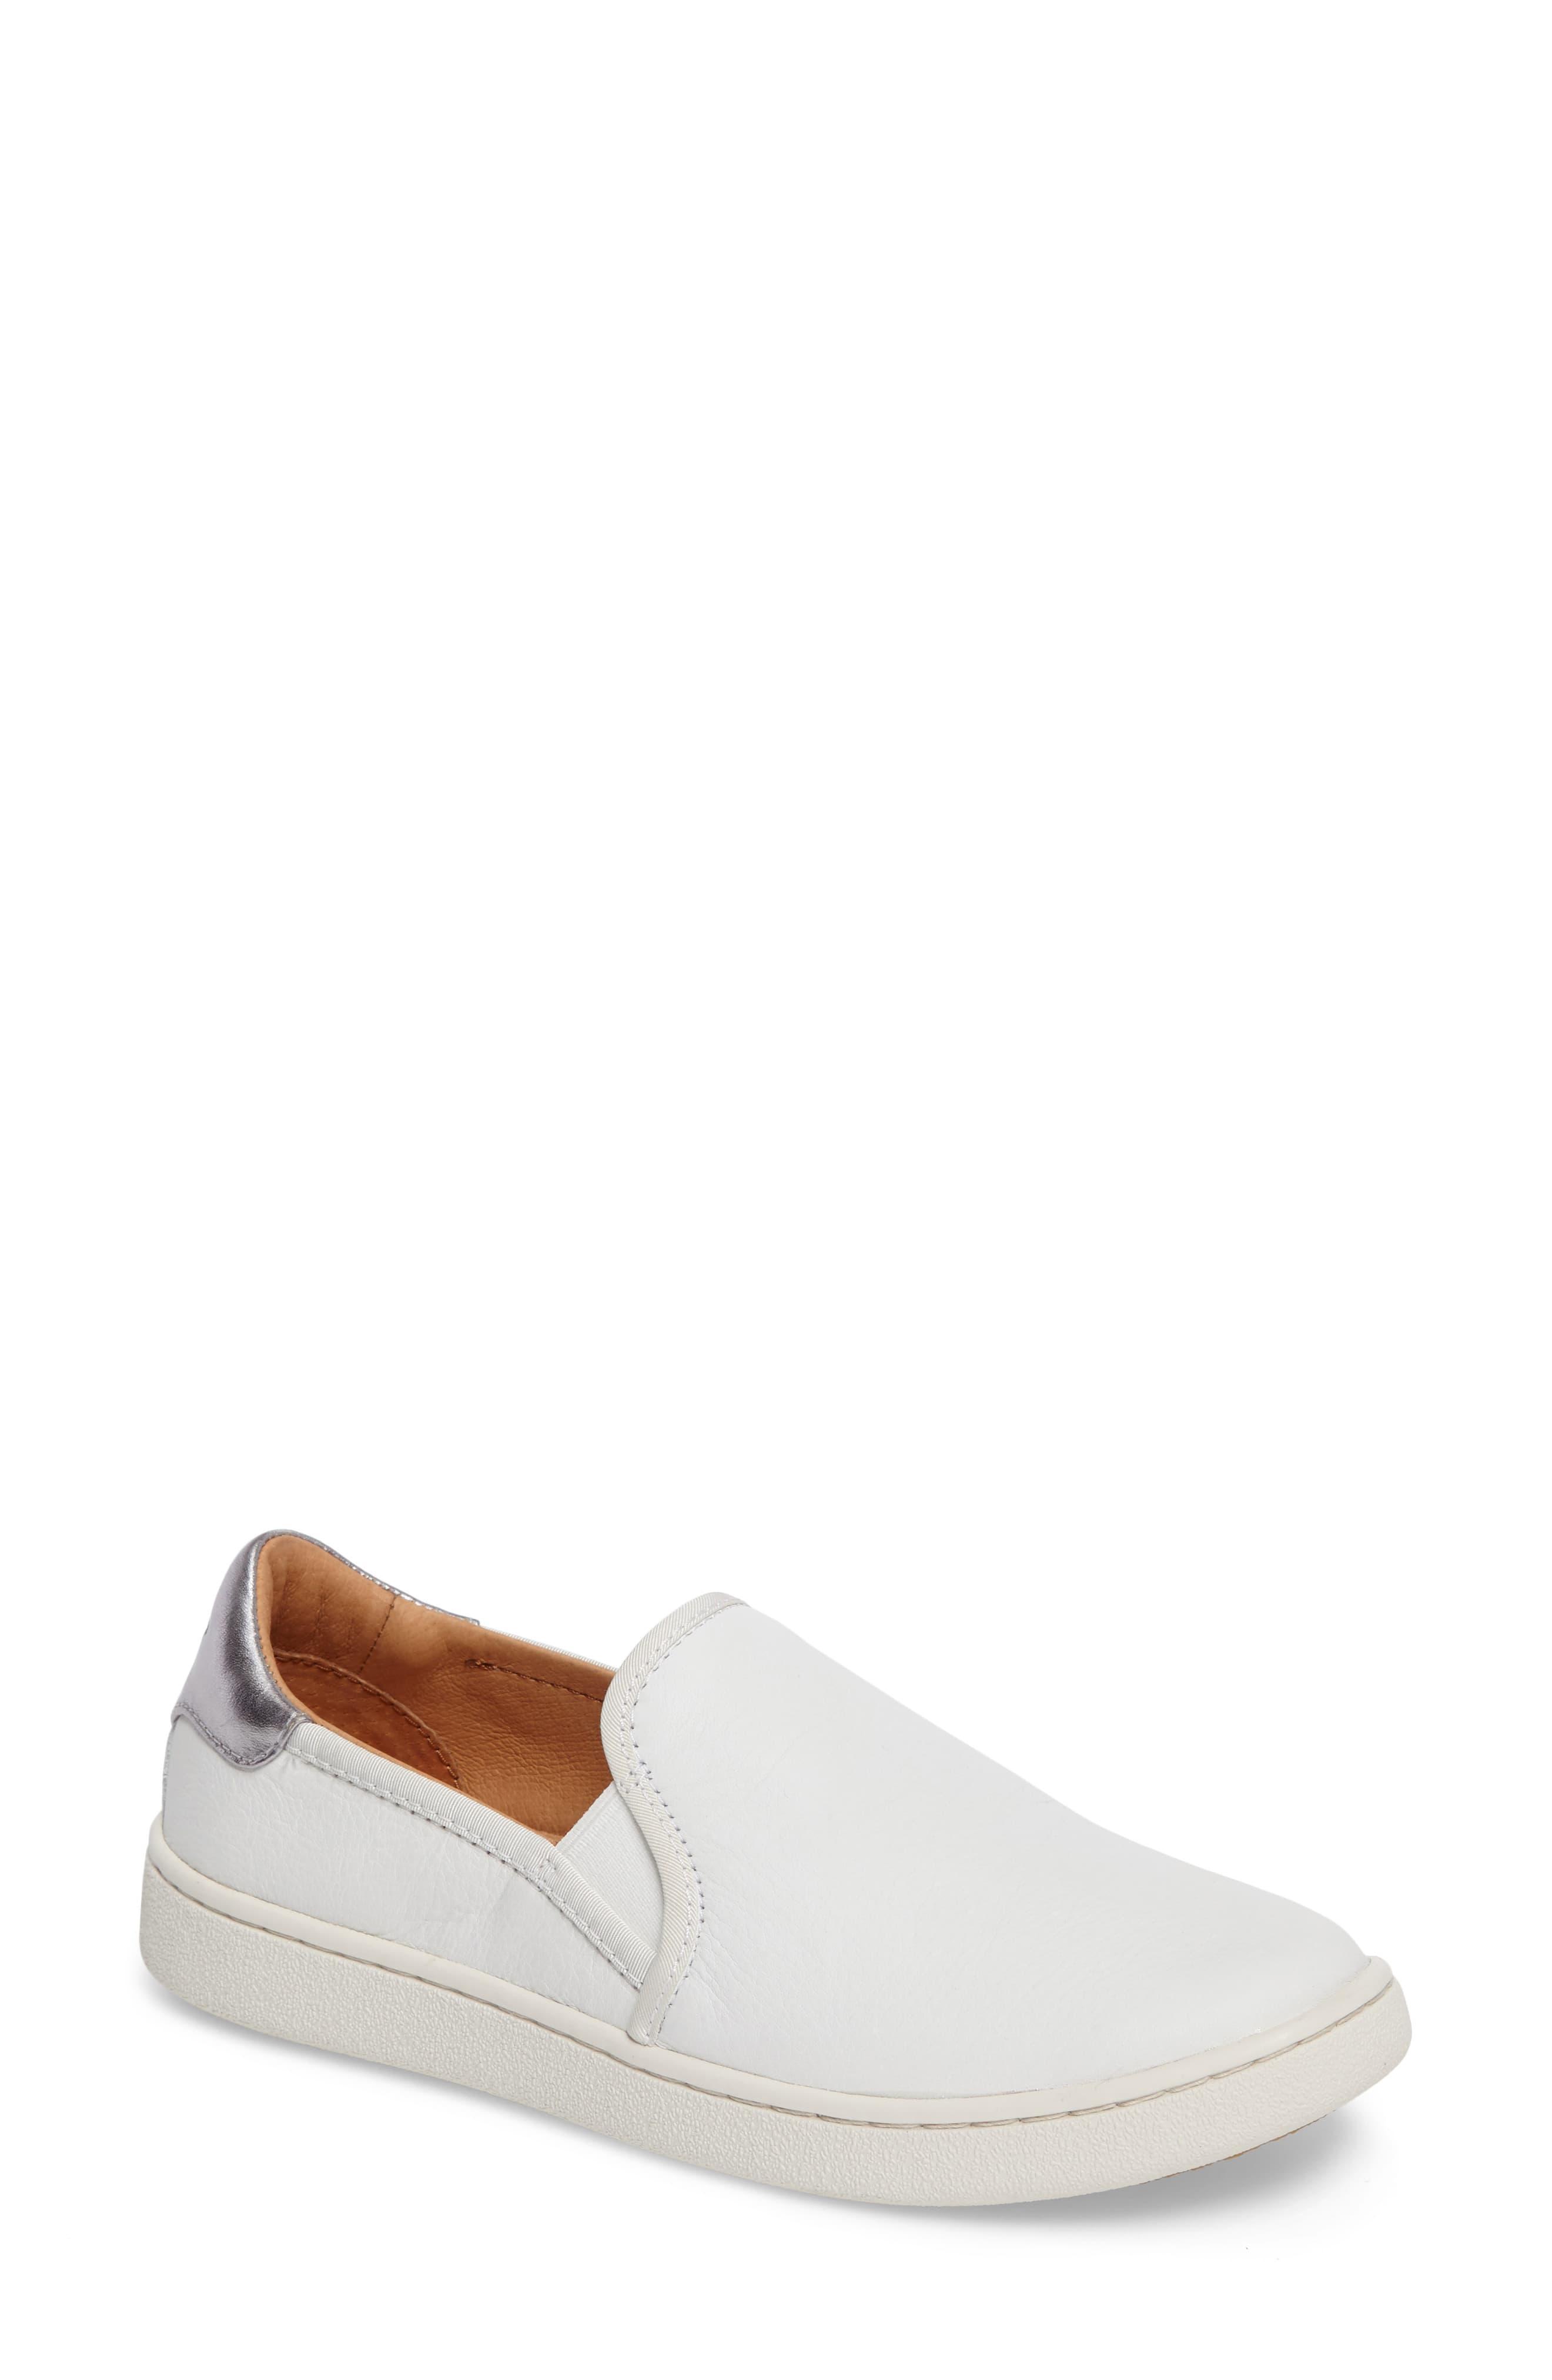 9f6e39fbfae Ugg White Ugg Cas Slip-on Sneaker